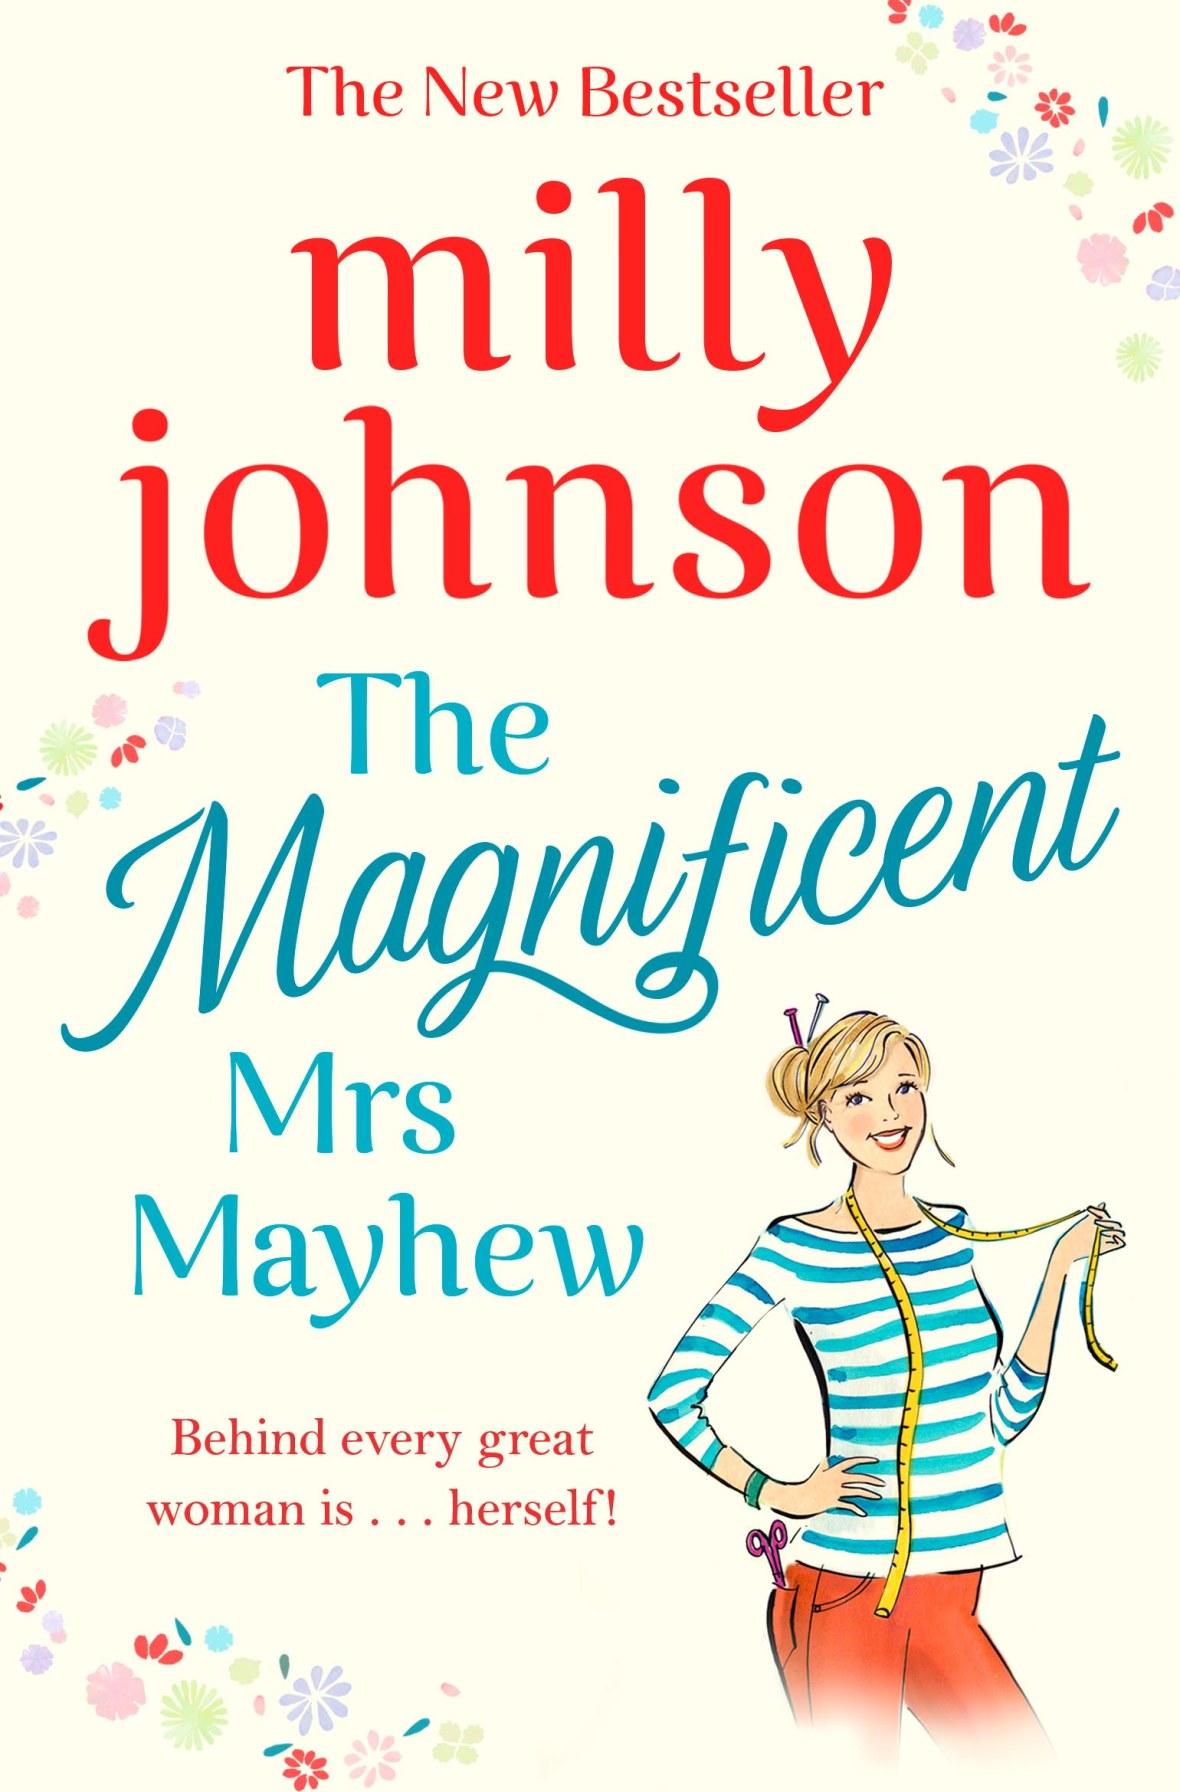 Magnificent Mrs Mayhew_PBB.indd